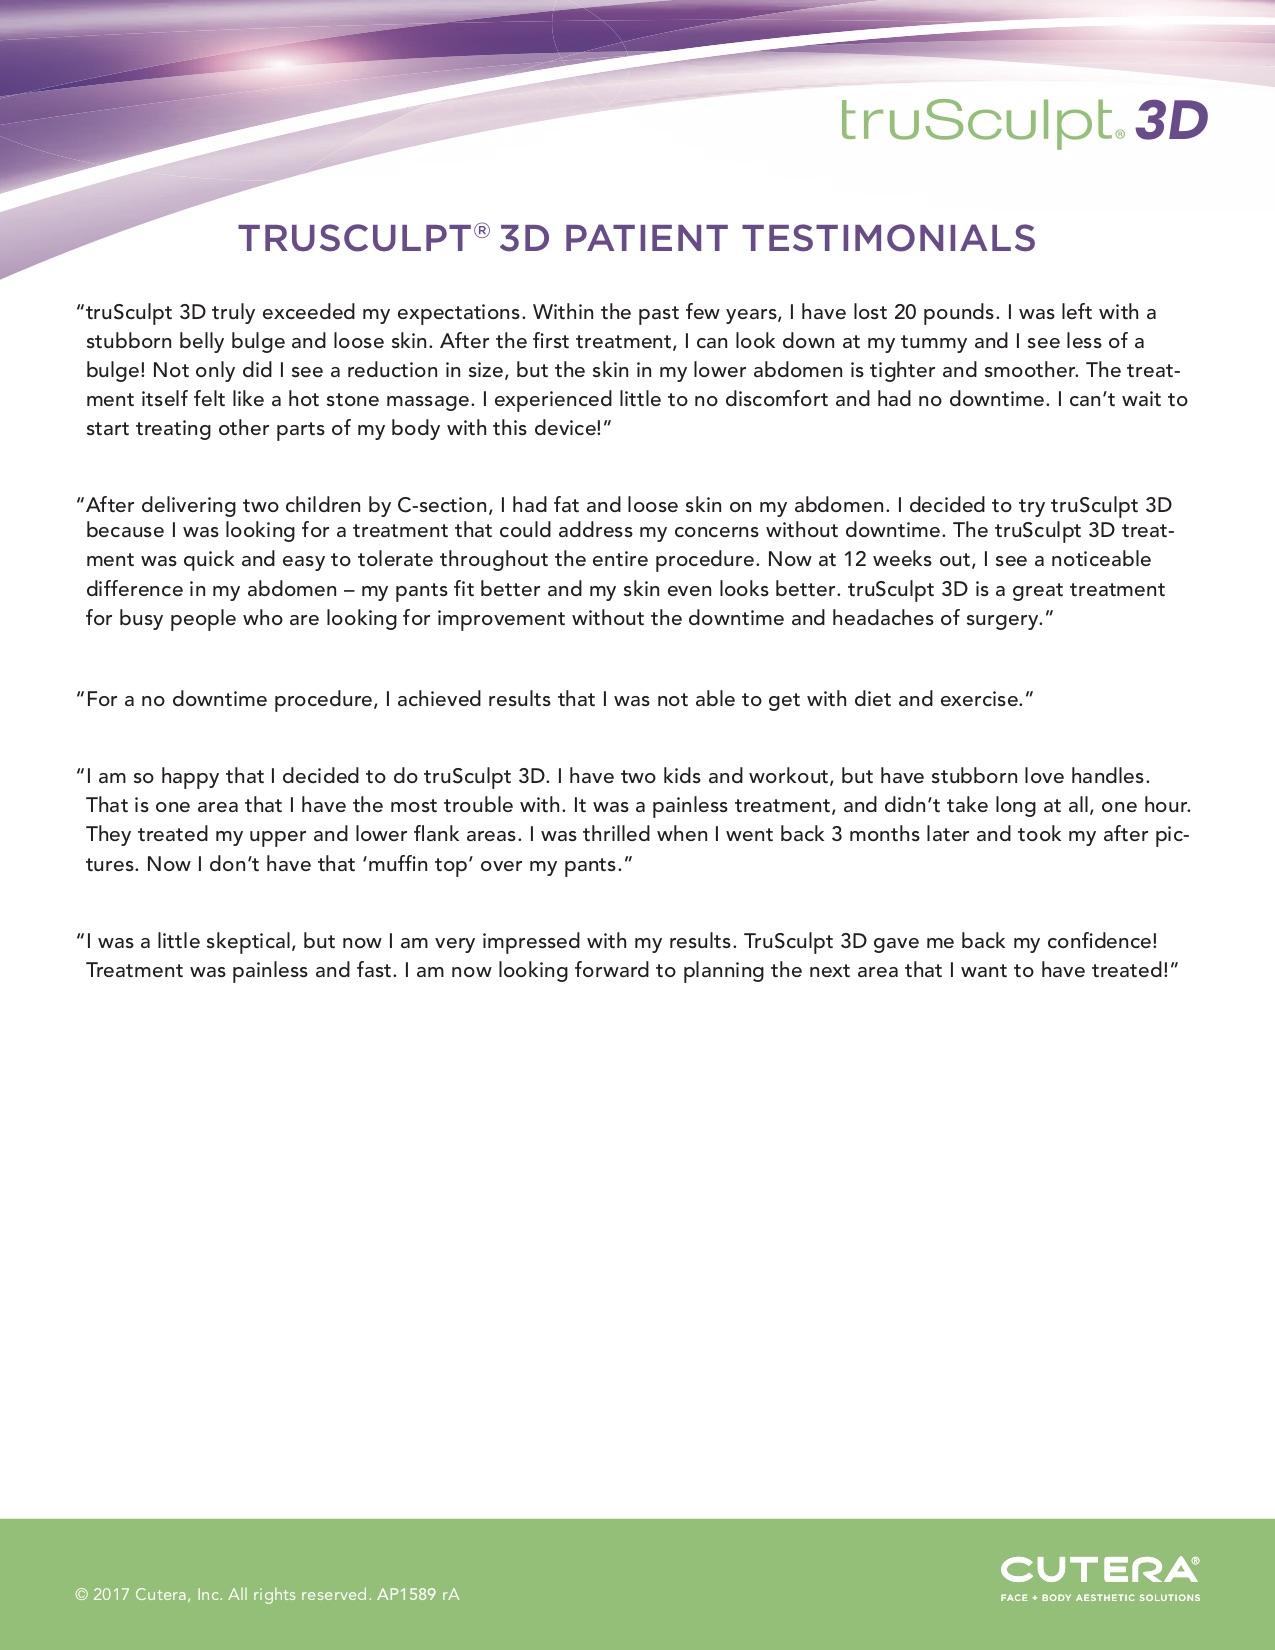 truSculpt-3D-Patient-Testimonials (1).jpg